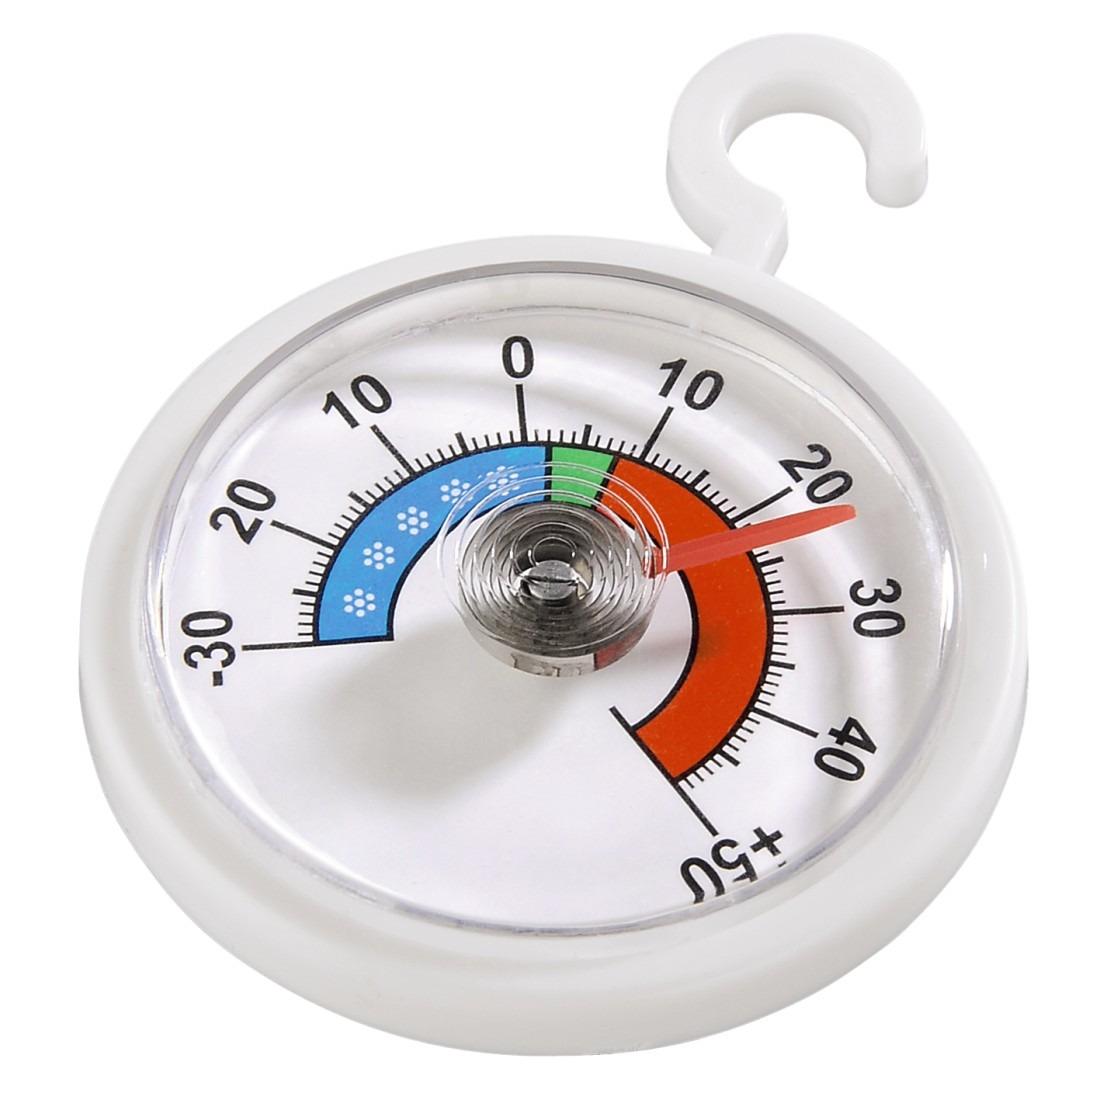 Xavax koelkast accessoire Koelkast diepvries thermometer rond